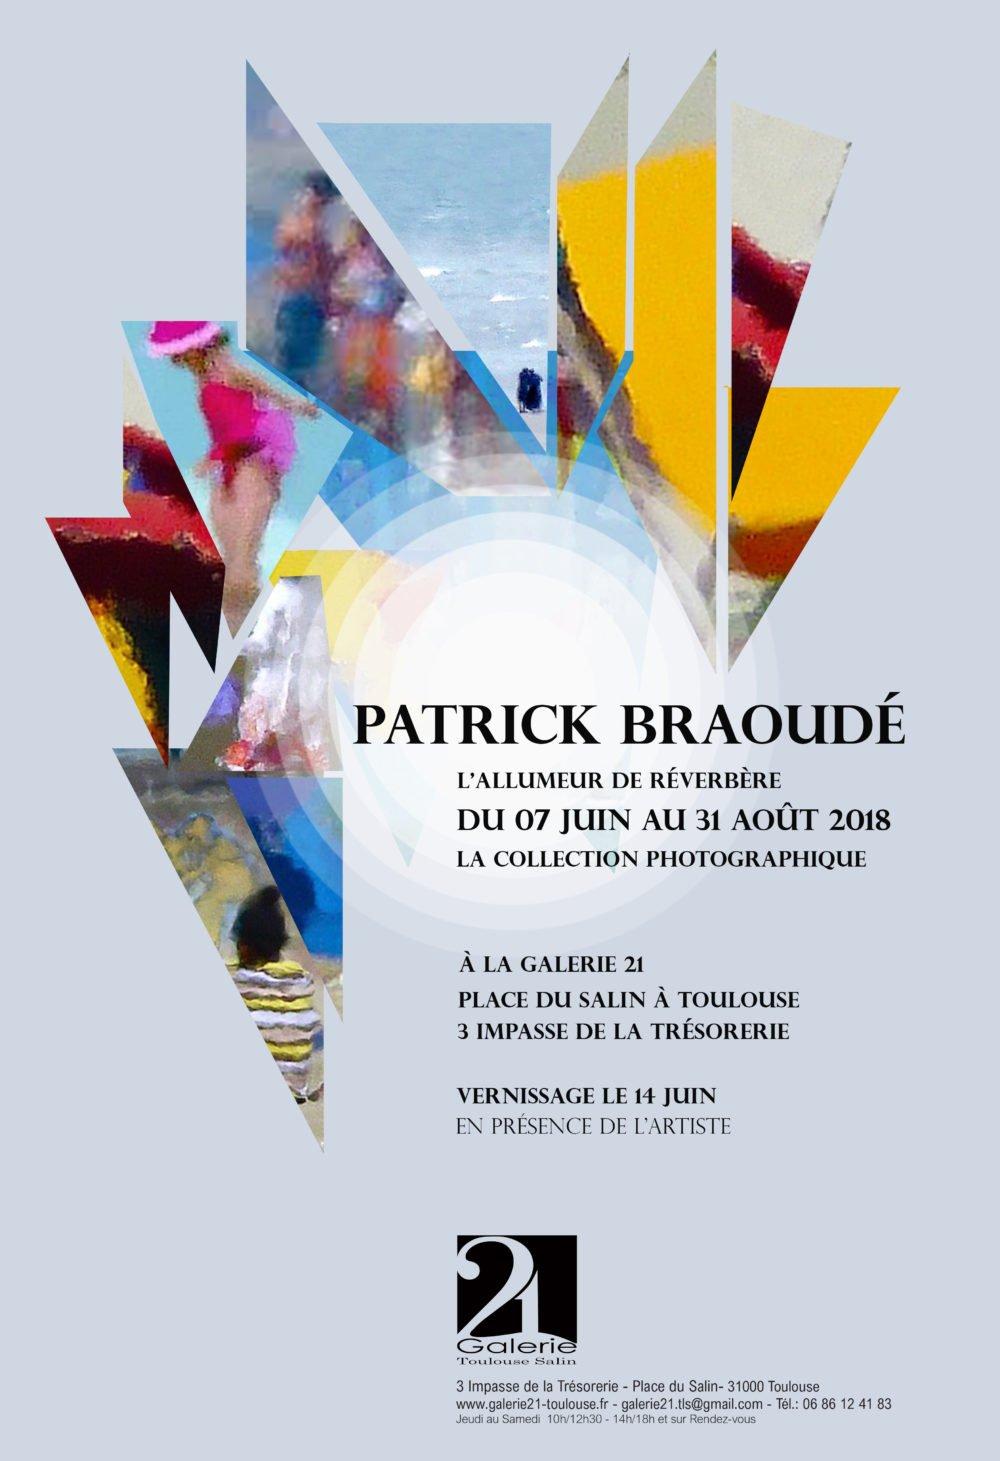 L'Allumeur de reverberes – le 14 juin a la Galerie 21 – Place du Salin